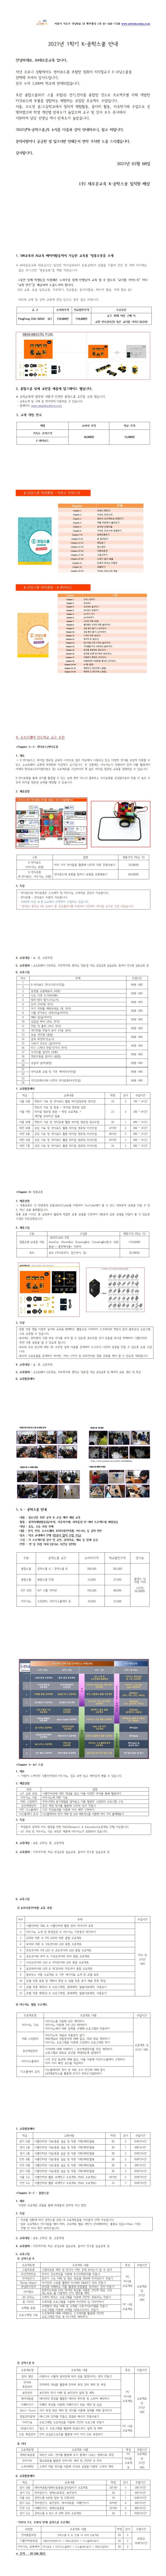 ac95bdef00abd114c800bf5ad583bcc9_1614919899_085.jpg